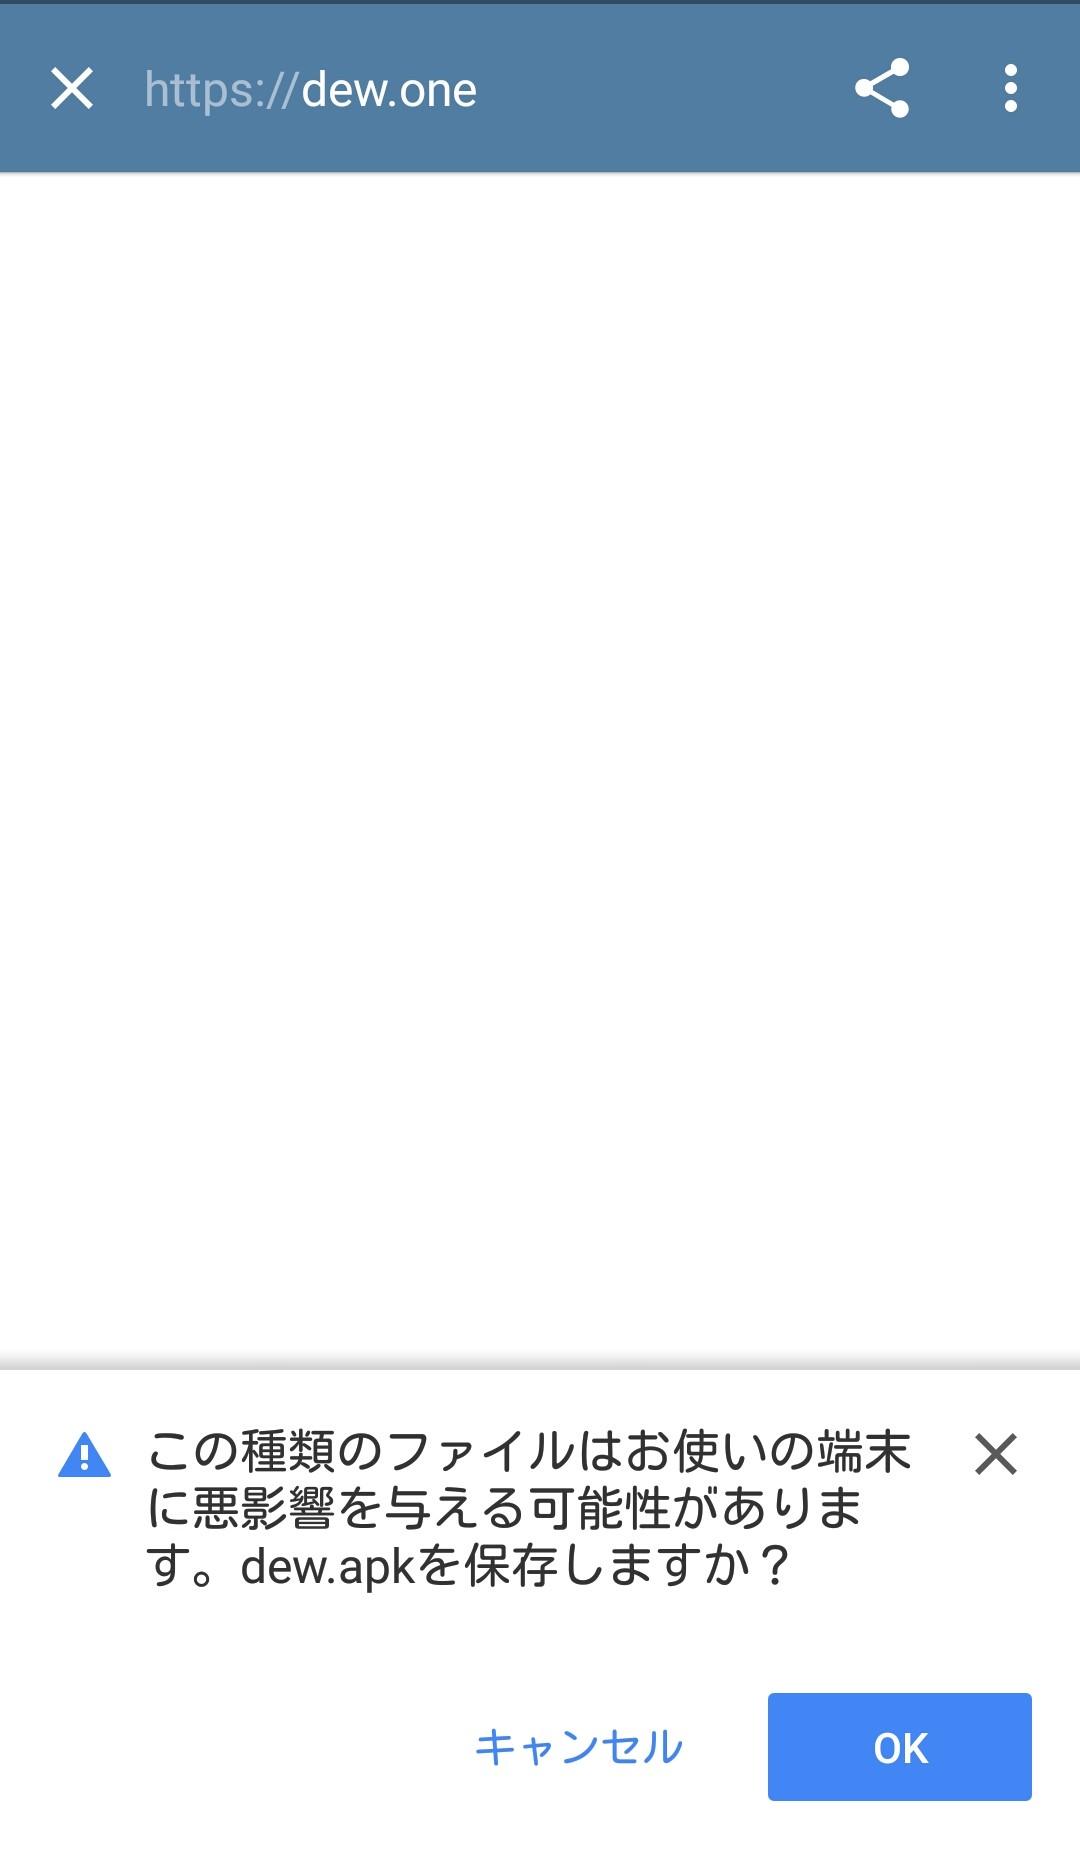 CAPP170109-1